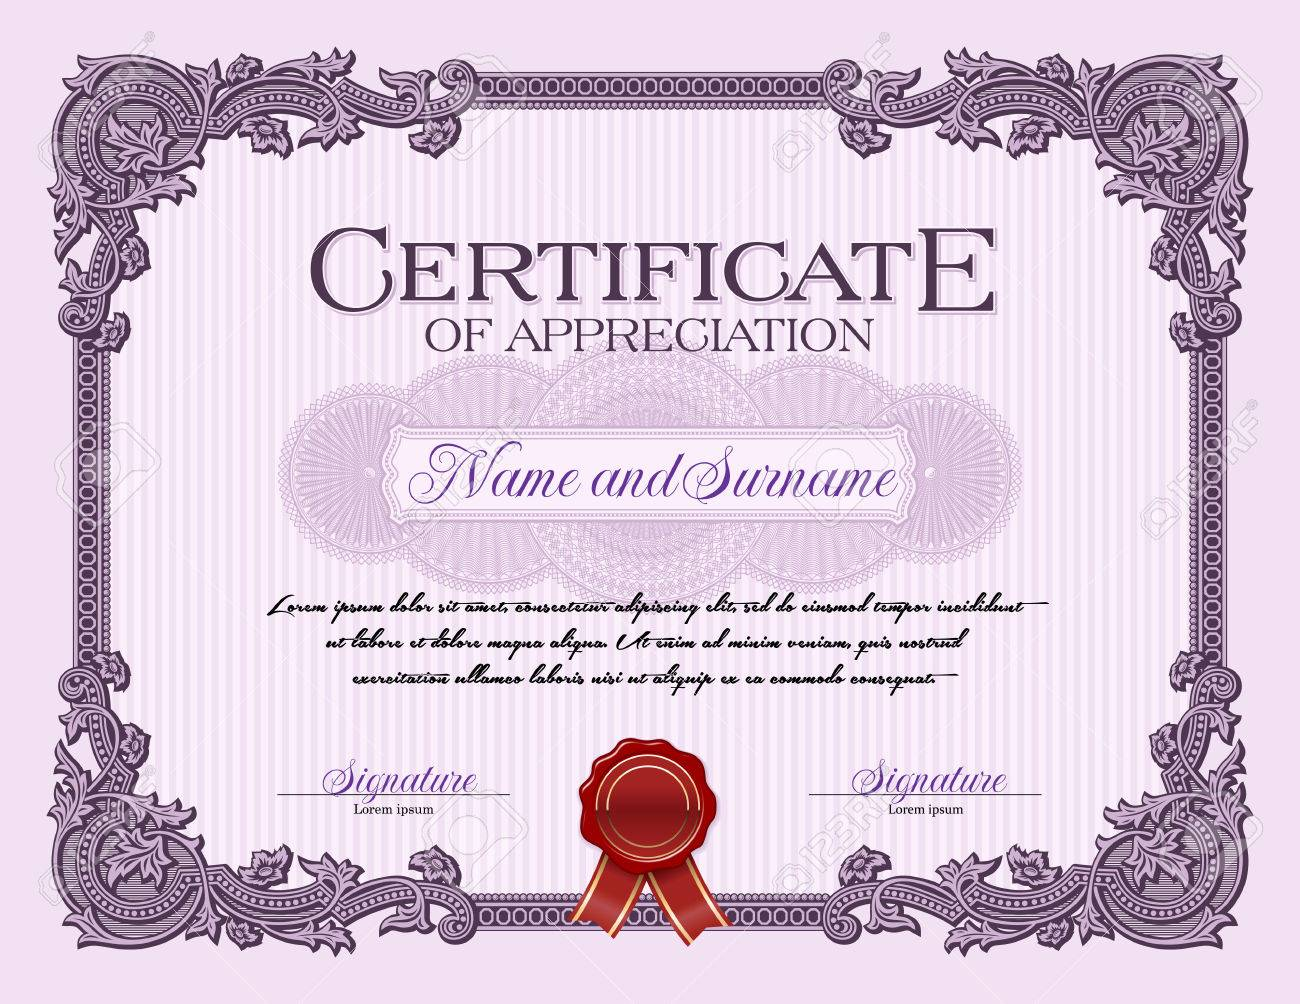 ornament vintage frame certificate of appreciation violet royalty